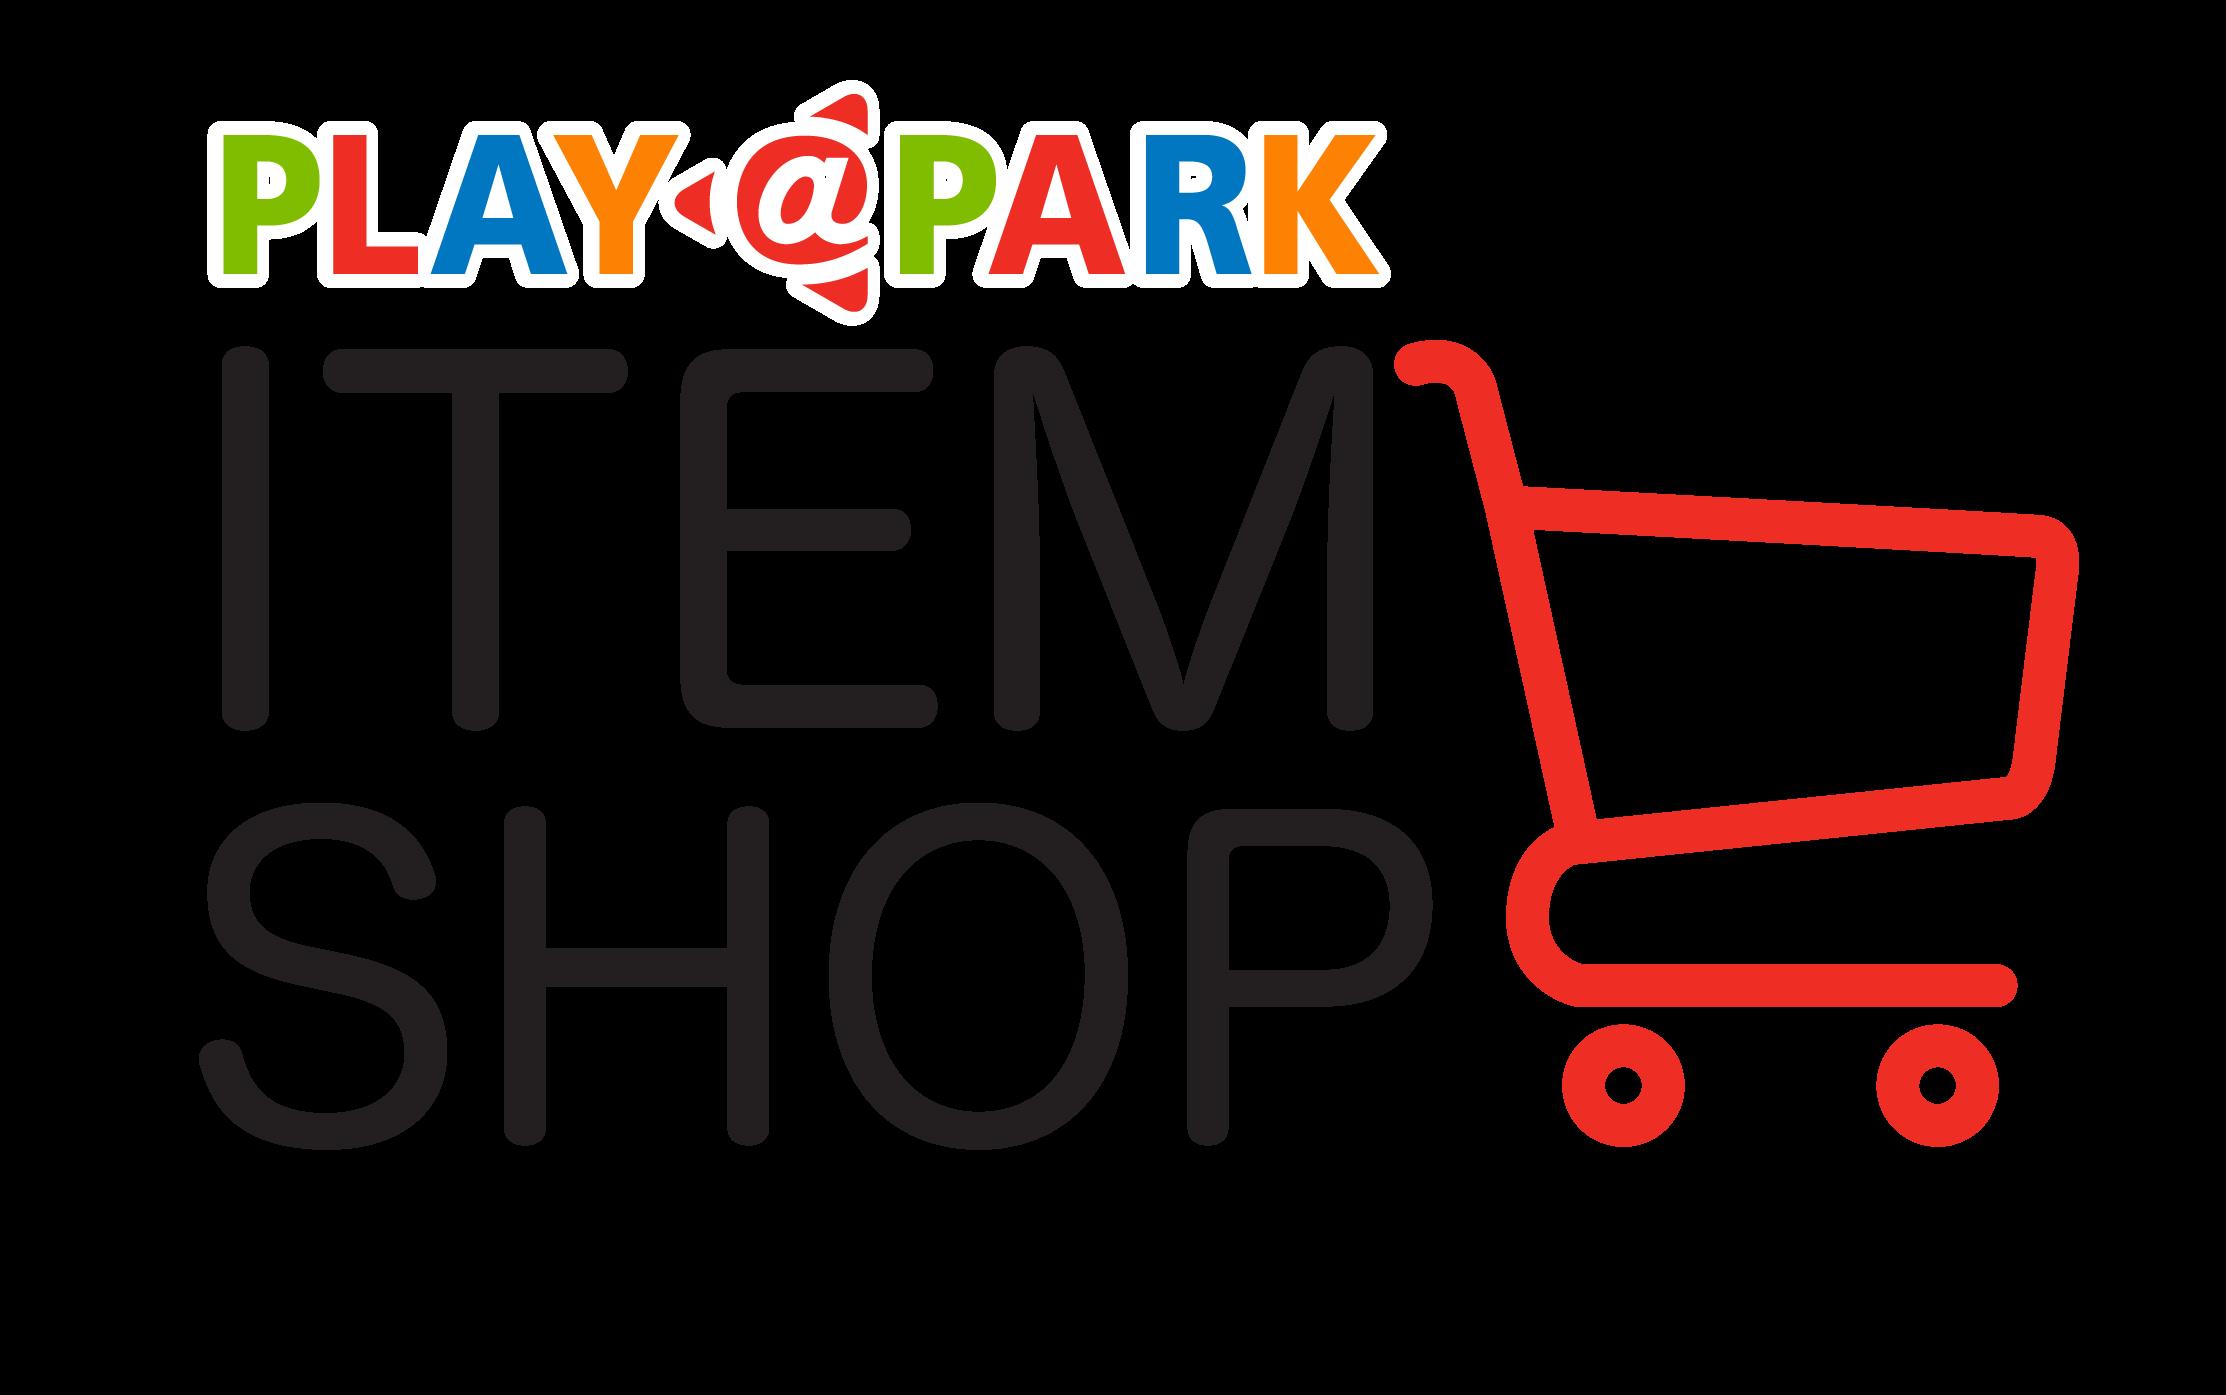 แจ้งปิดปรับปรุงระบบ Item Shop วันอังคารที่ 14 กรกฎาคม 2563 เวลา 09.00 - 12.00 น.